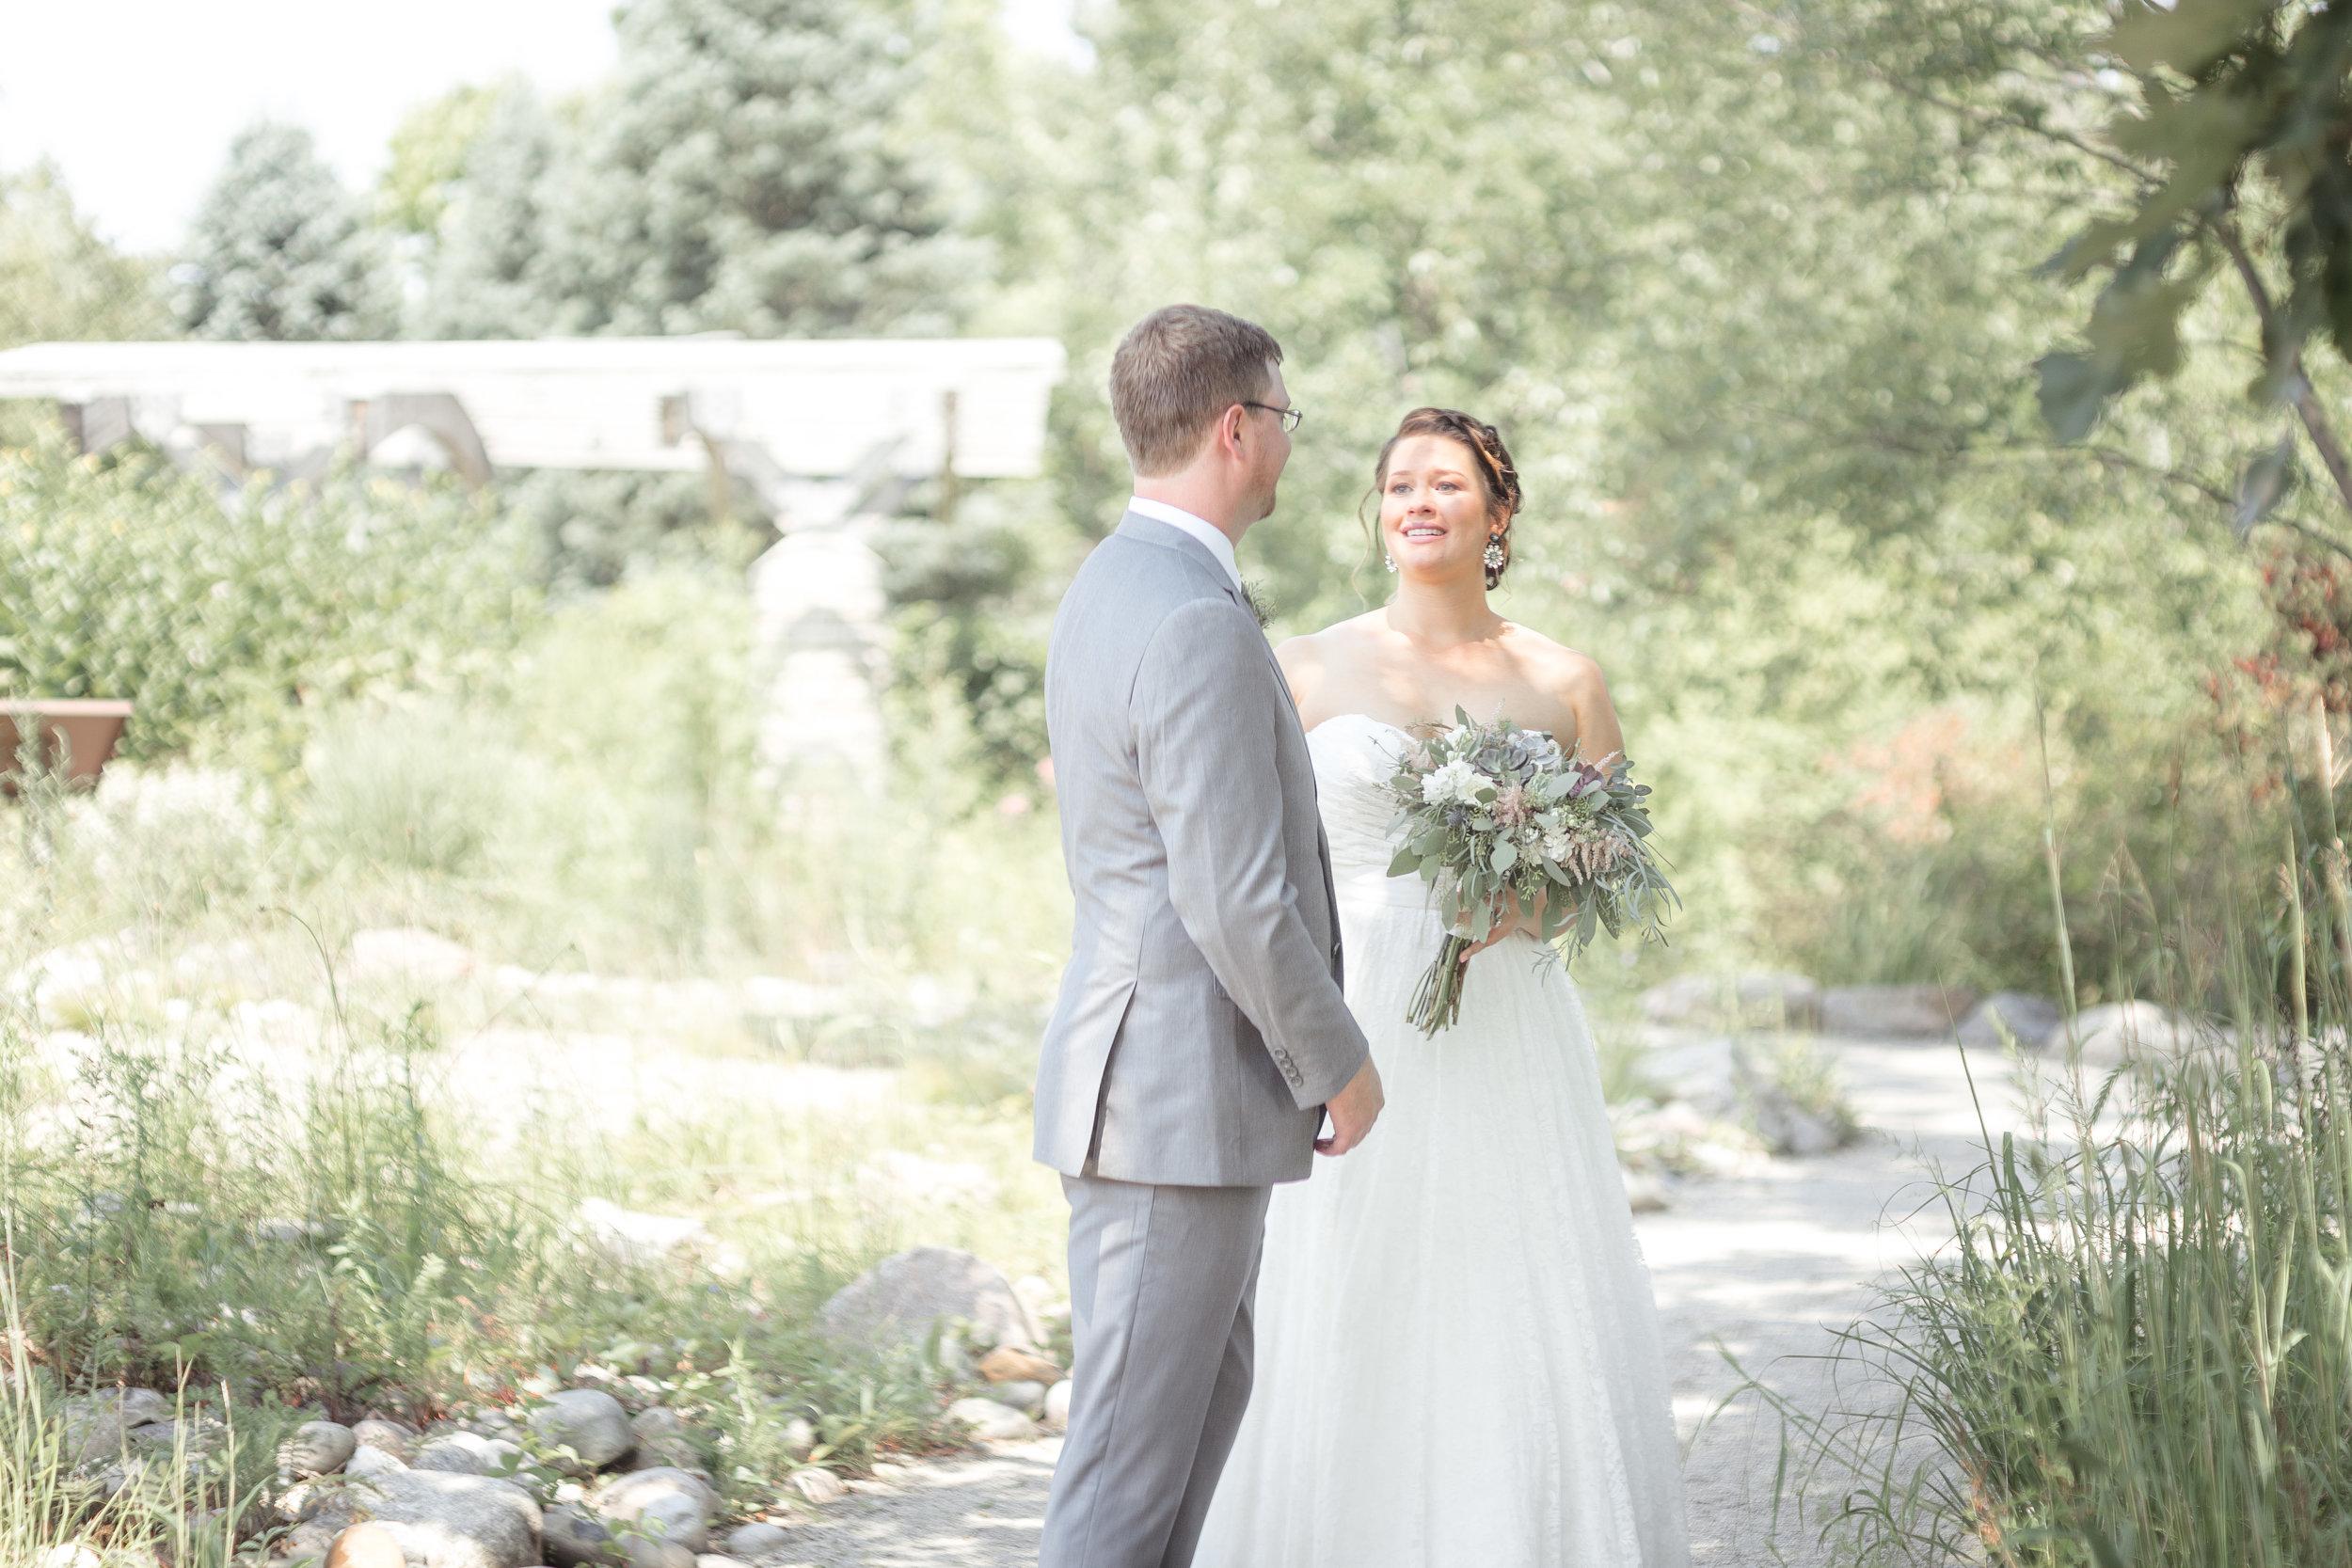 C_Wedding_Sarver, Alyssa & Scott_FOR BLOG-29.JPG